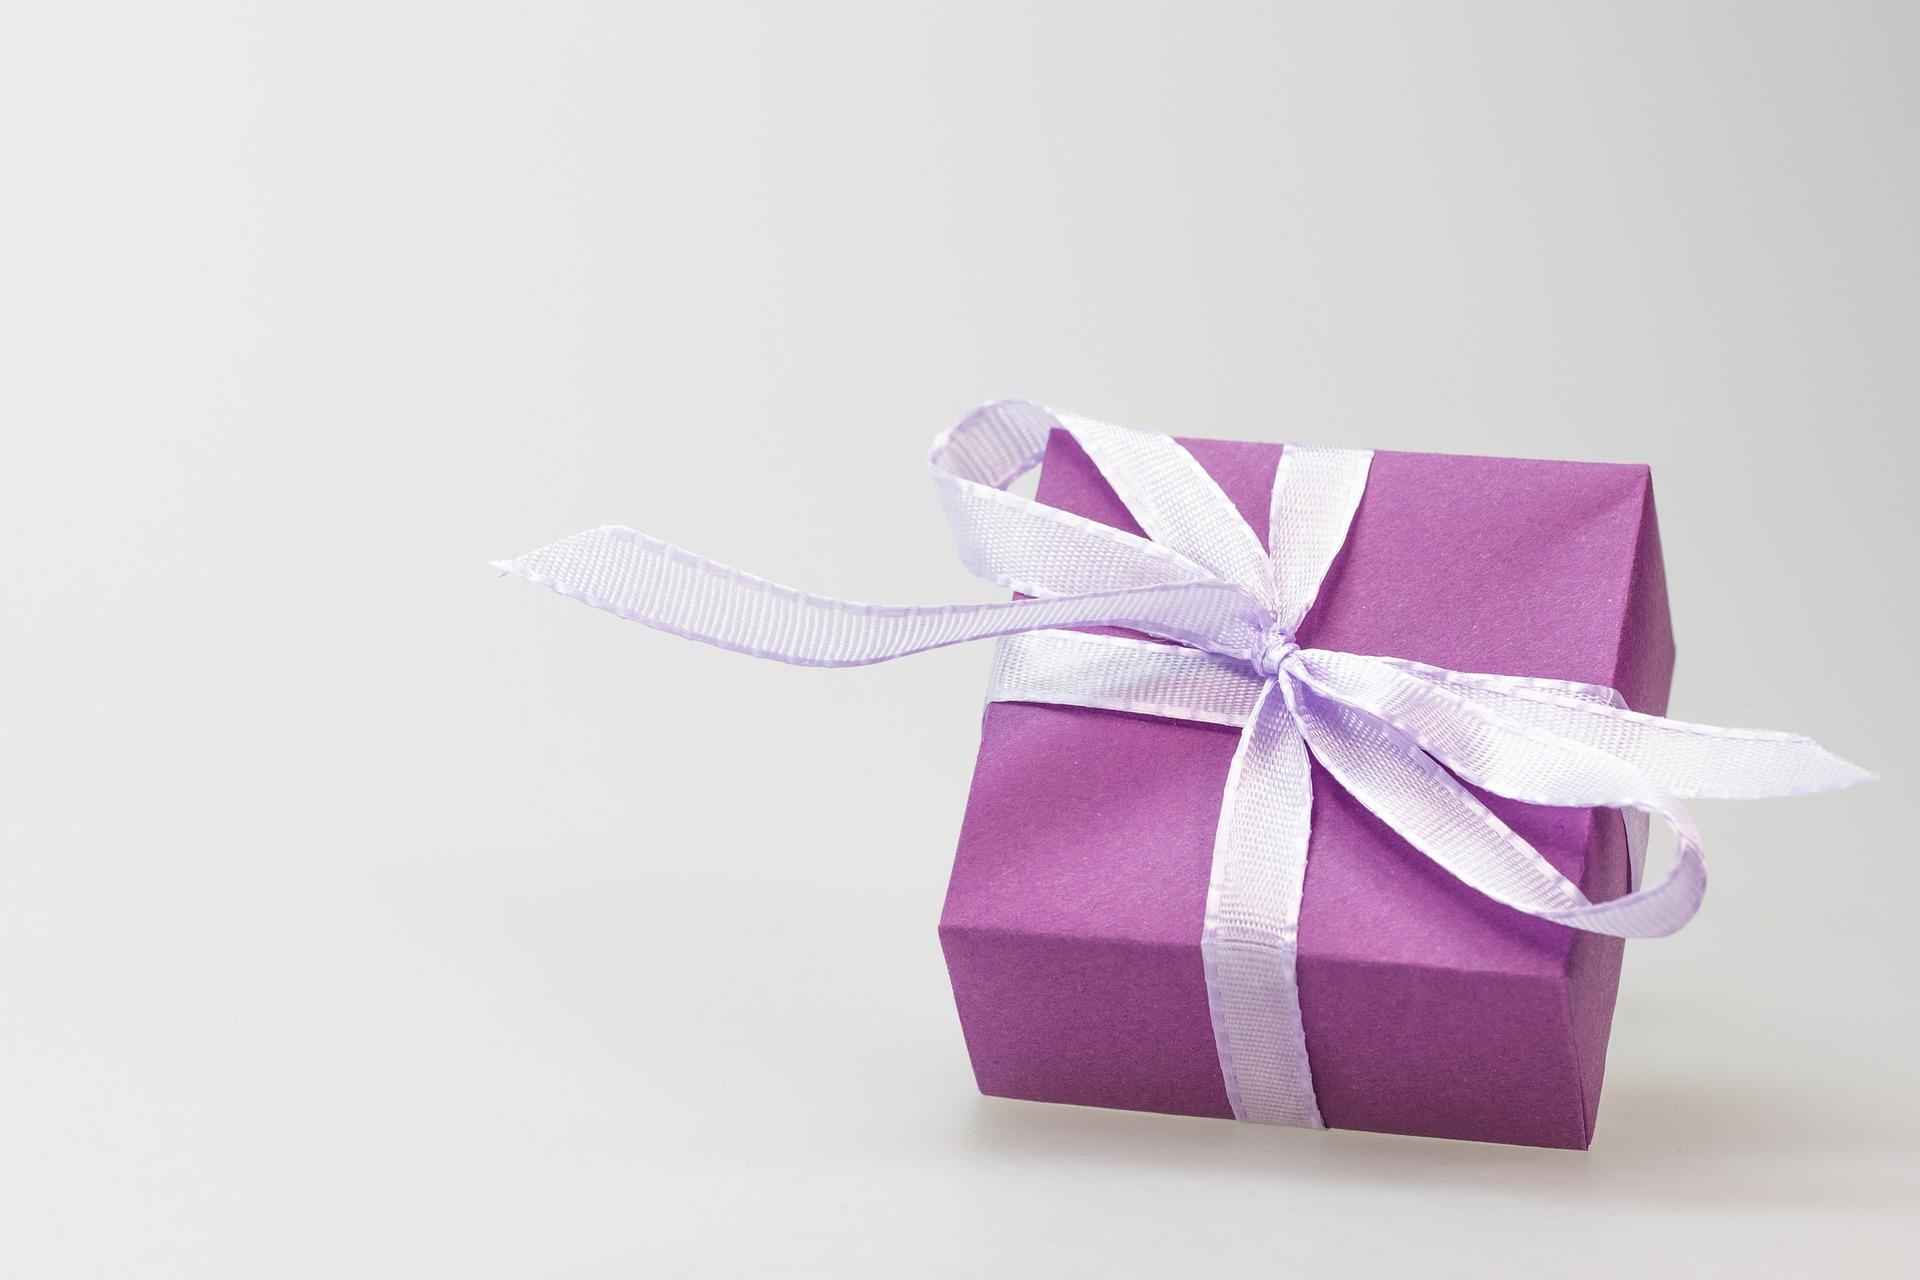 Un cadeau fun, insolite, design : tout ce que vous souhaitez offrir pour vos proches